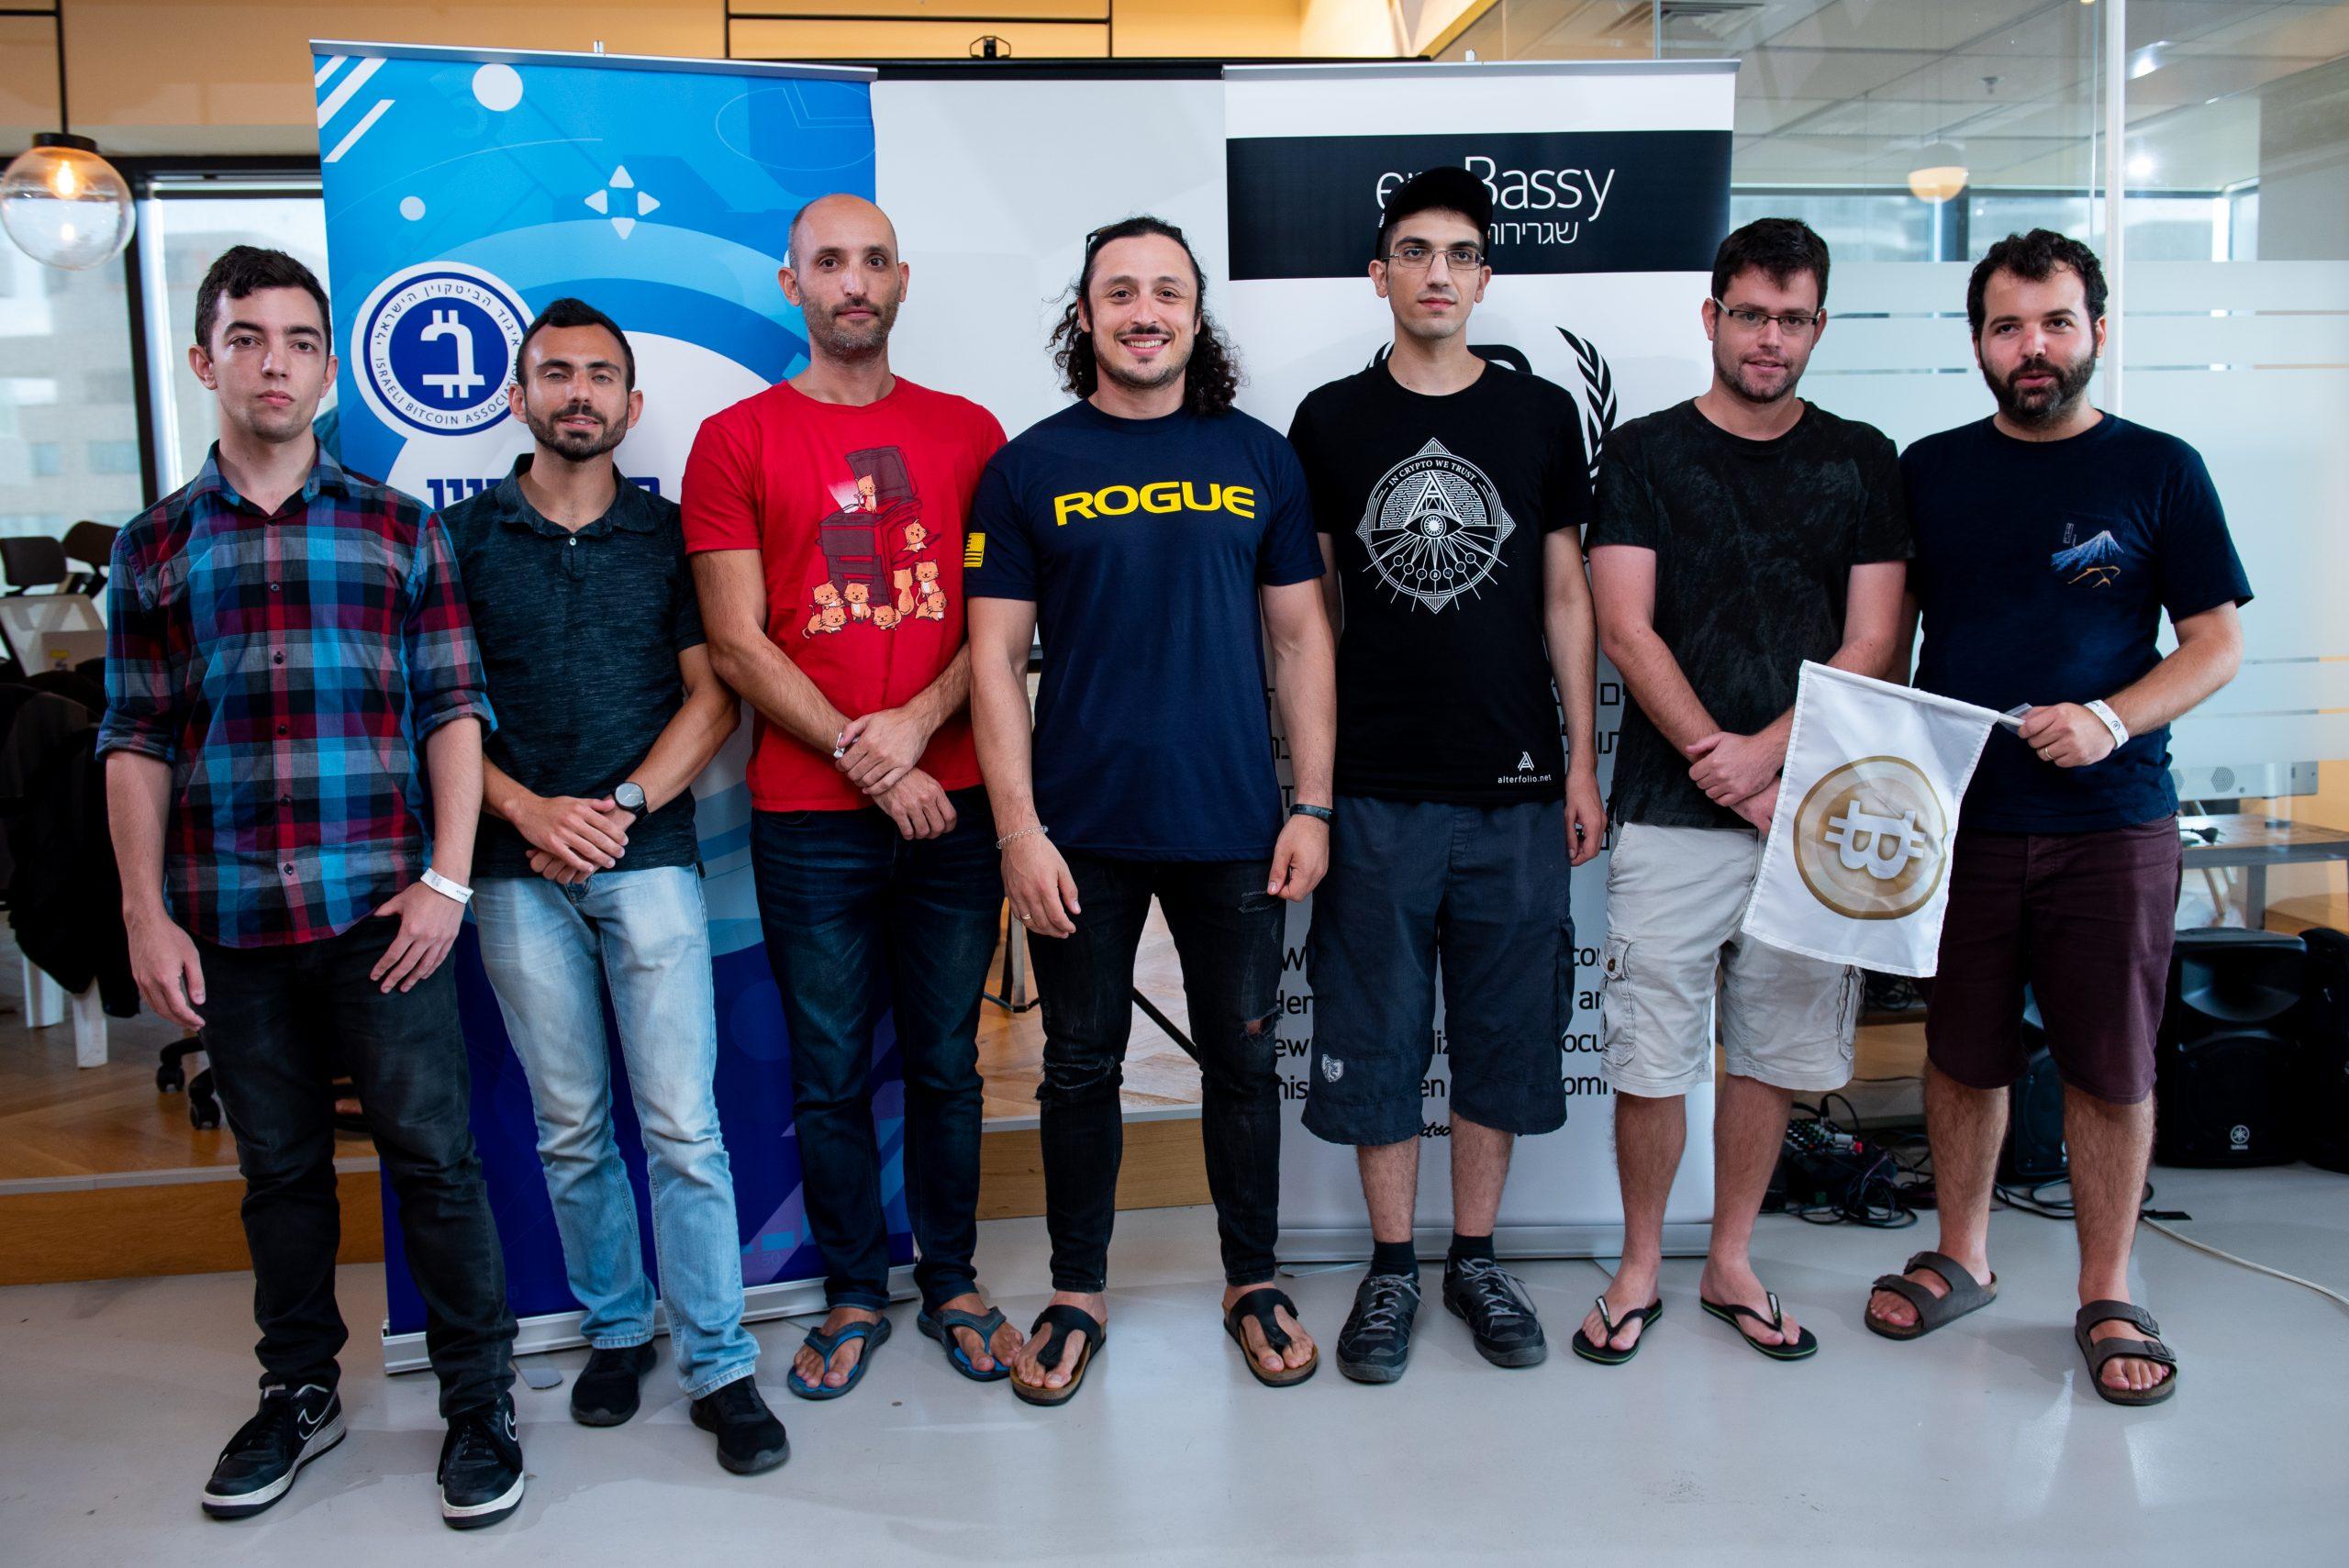 הצוותים הזוכים בהאקתון שגרירות הביטקוין - ספטמבר 2019